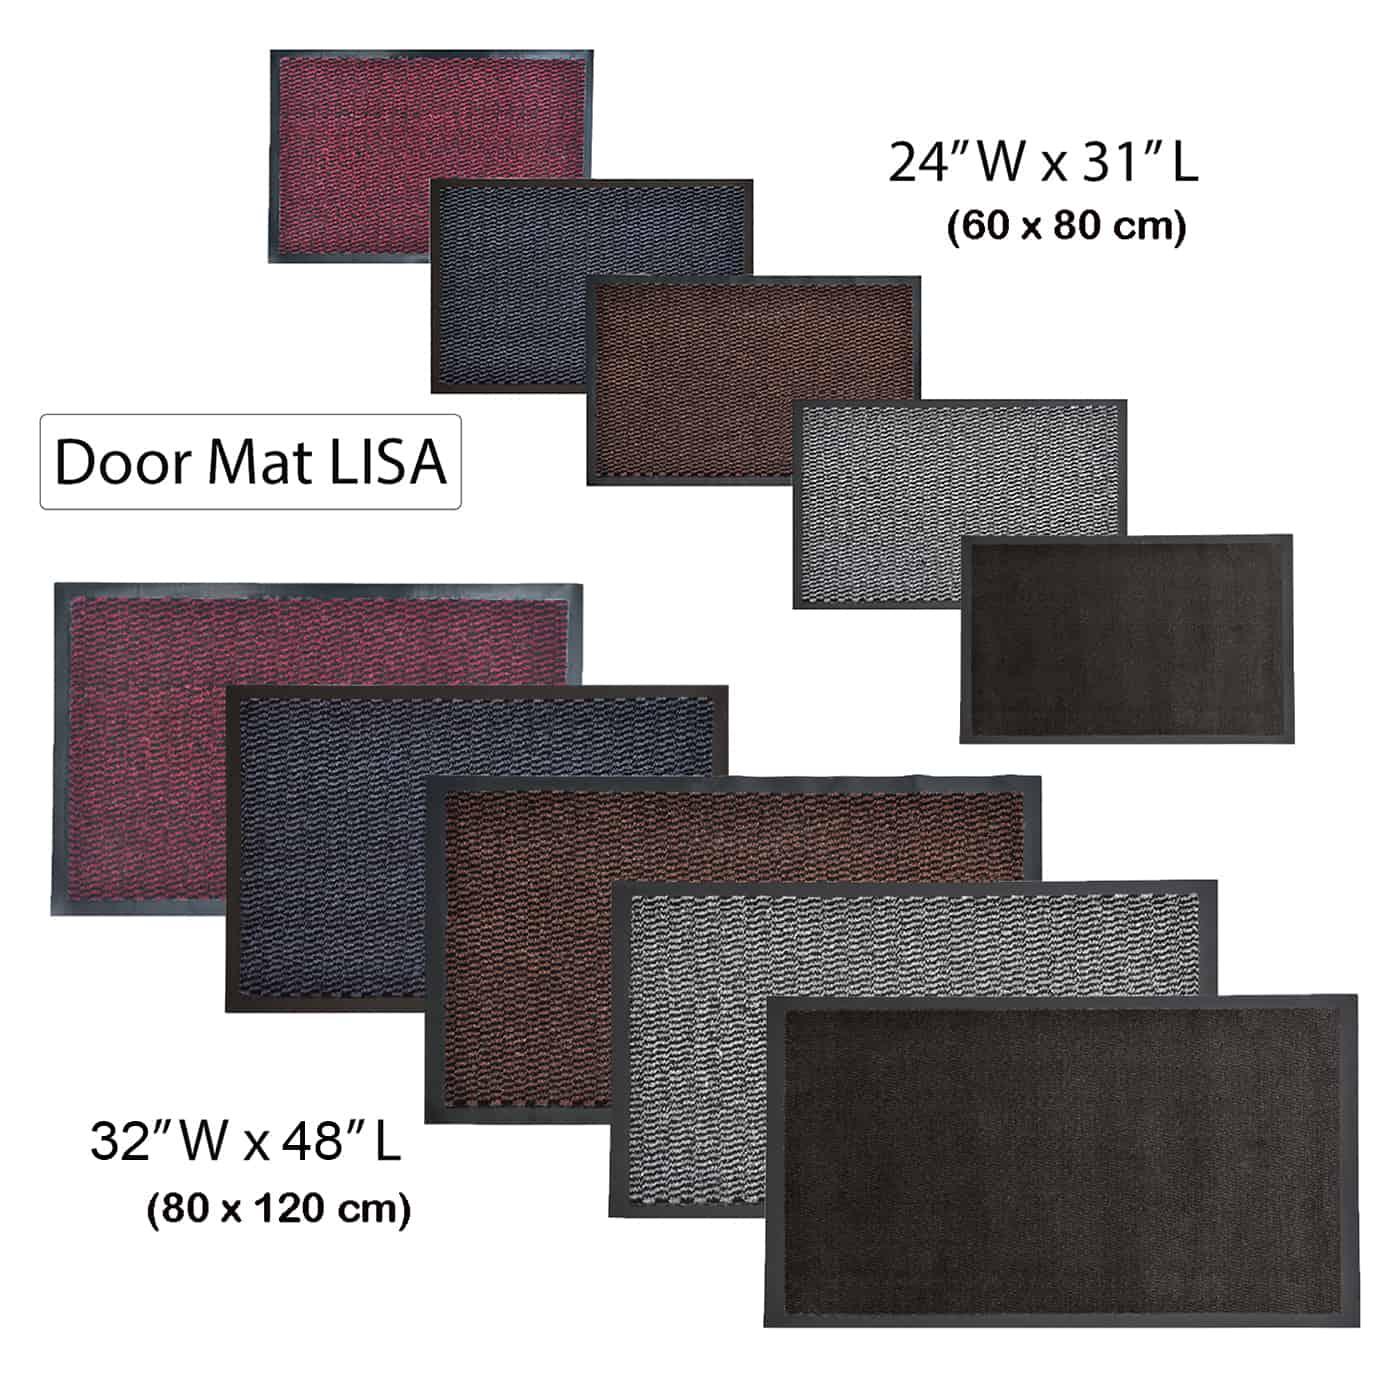 Indoor Door Mat Lisa 31 L x 24 W Inch PP-PVC - Blue